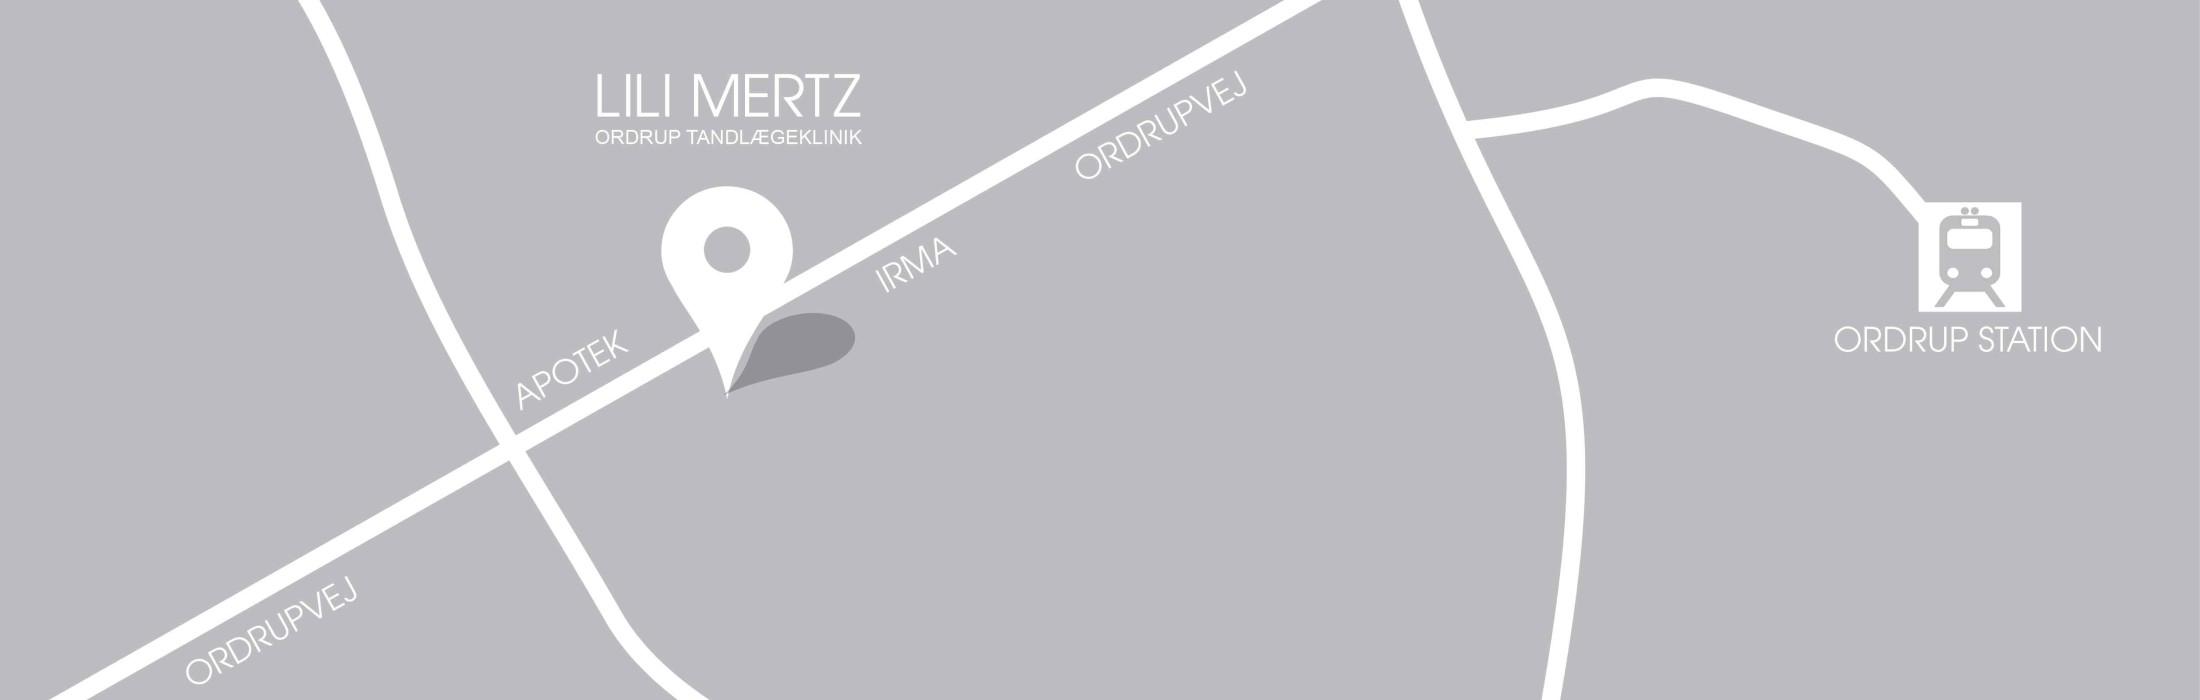 Velkommen til Lili Mertz – Ordrup Tandlægeklinik